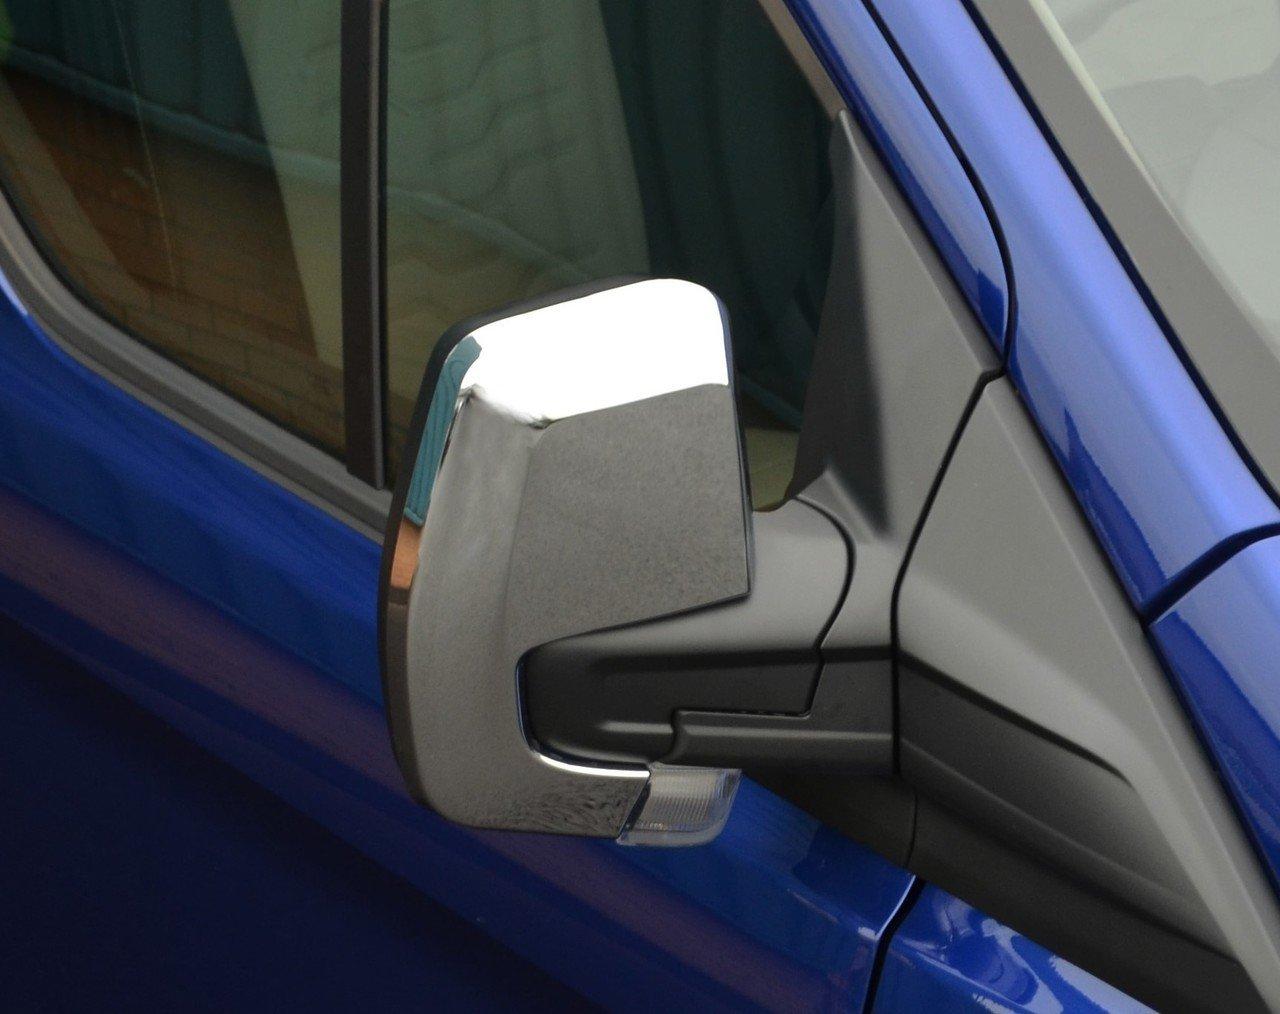 Juego de cubiertas para espejo retrovisor cromado para adaptarse a Transit Custom (2012 +): Amazon.es: Coche y moto